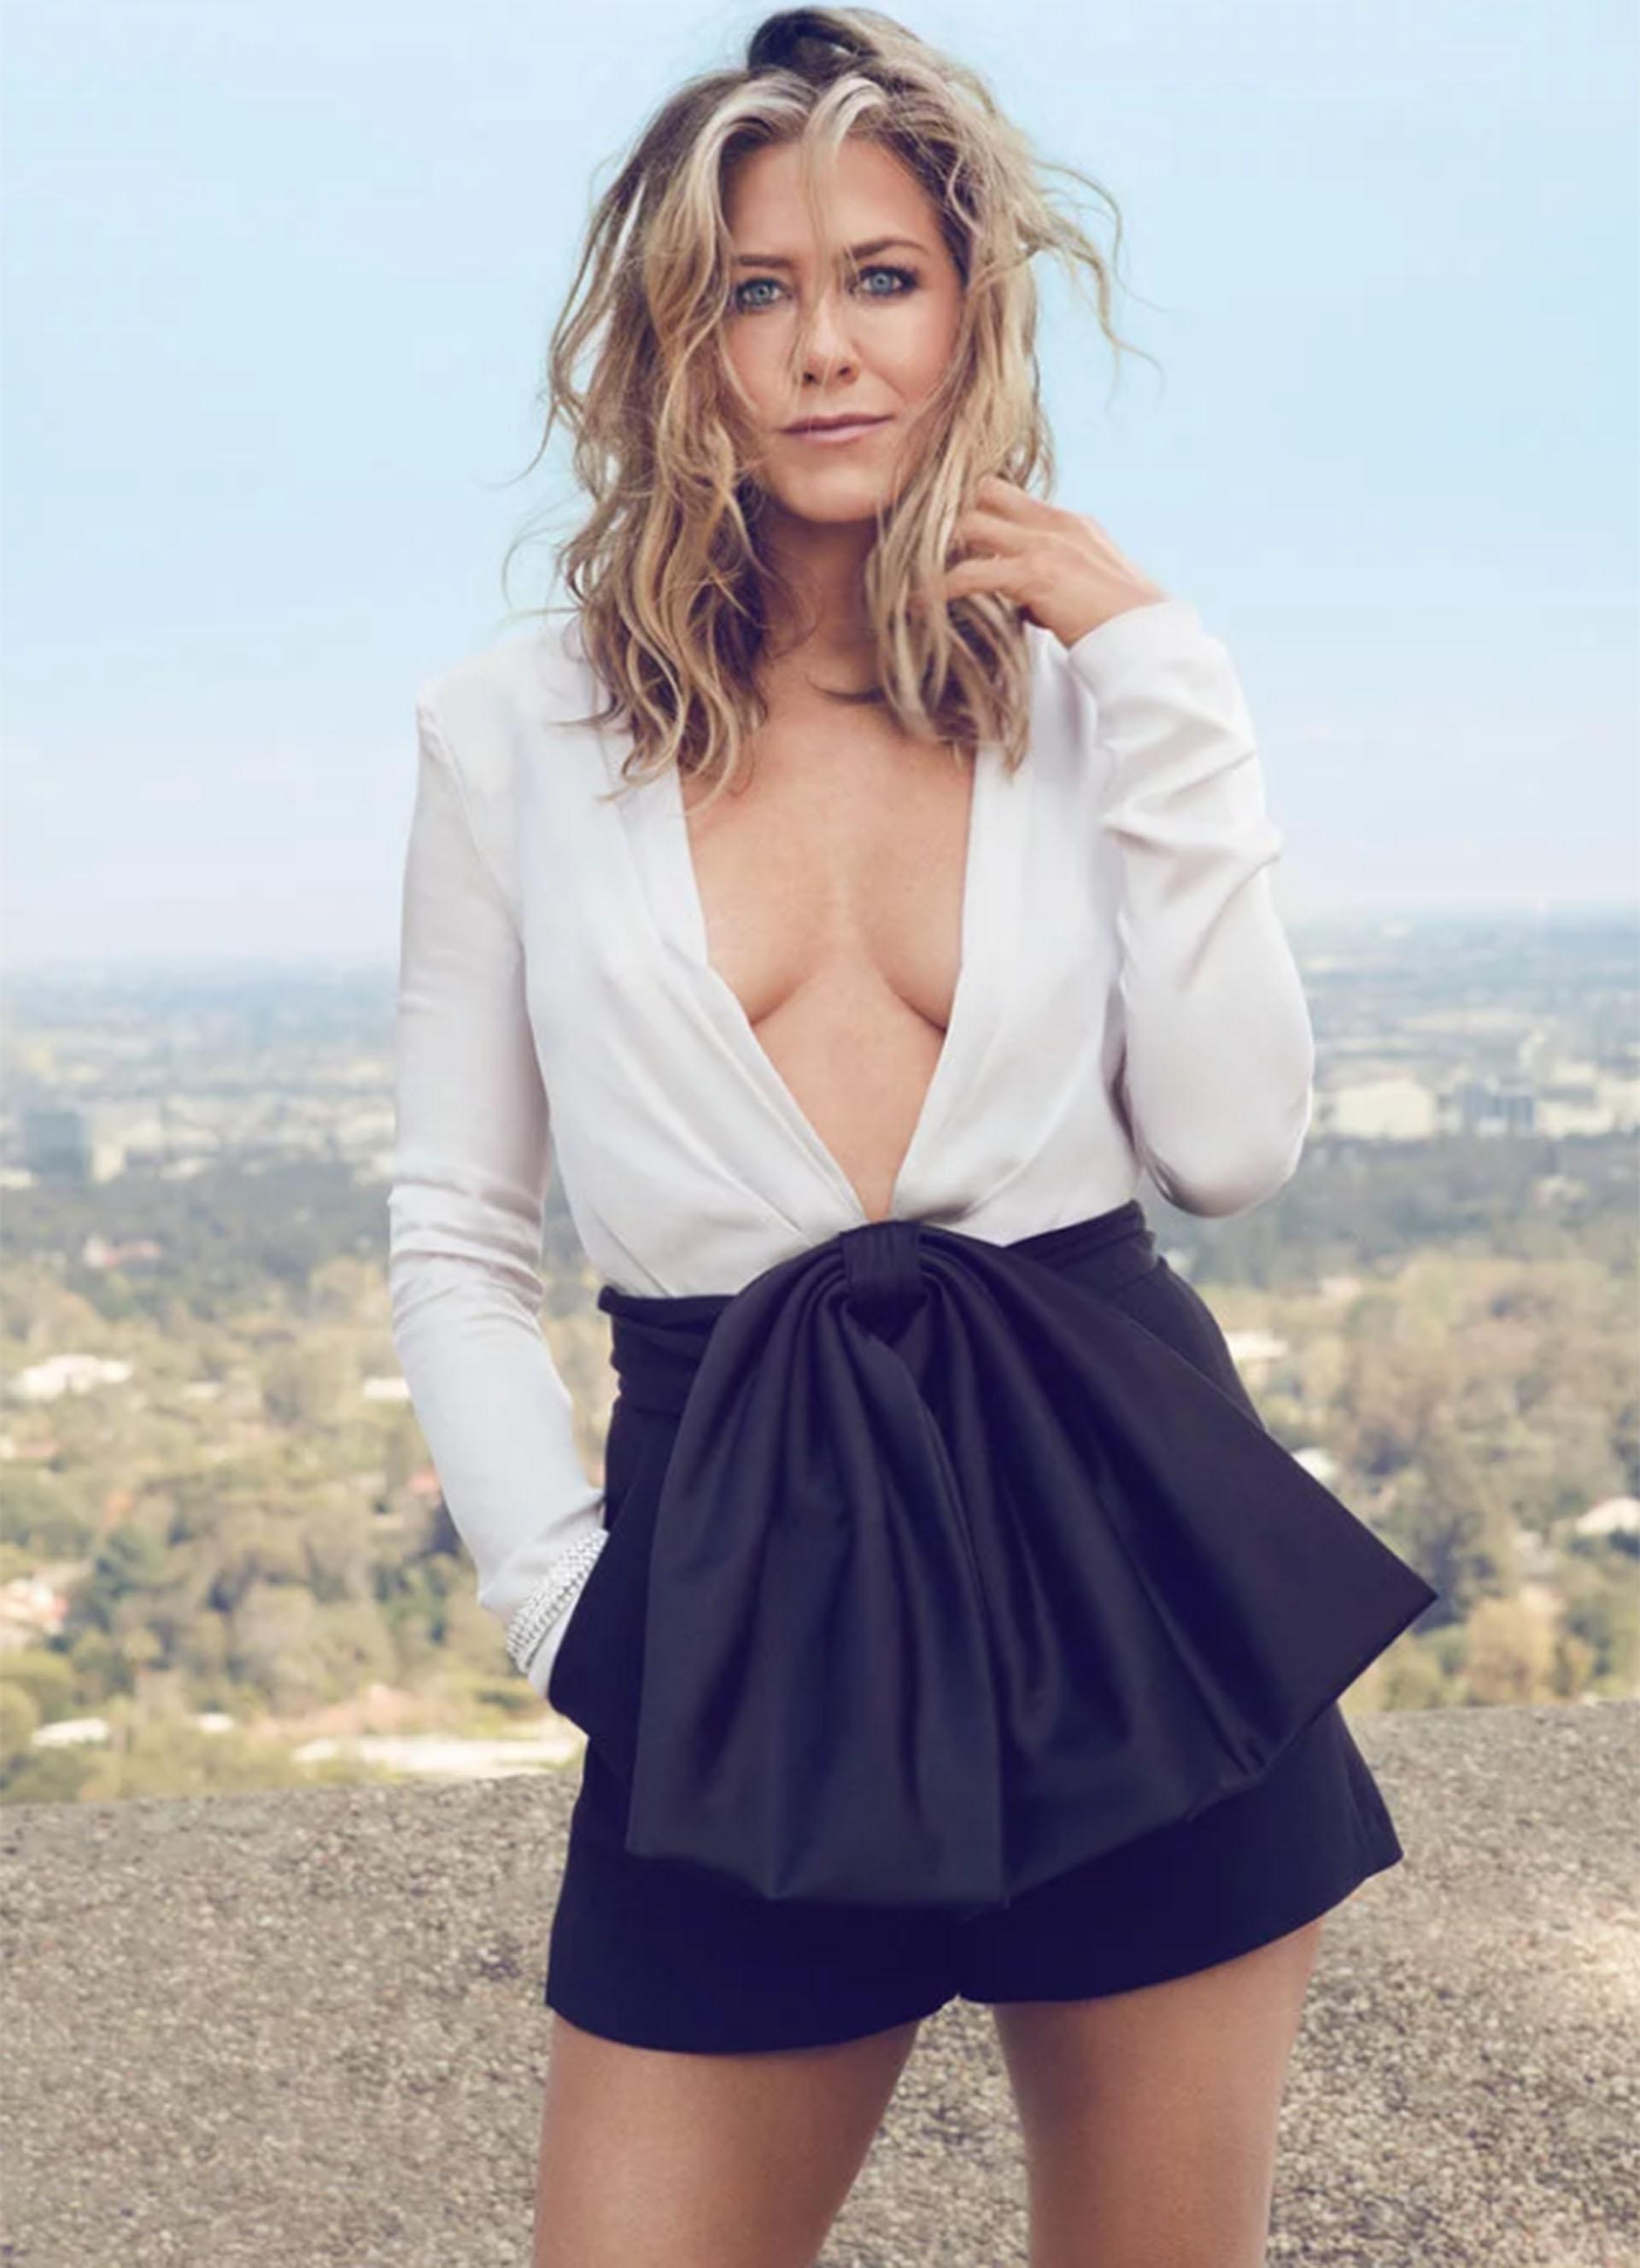 """""""Con todo el respeto, no tengo el corazón roto"""", expresó la actriz, dejando en claro que no tiene problemas para mantener relaciones duraderas con los hombres. """"Cuando una pareja se separa en Hollywood, es a la mujer a la que se desprecia"""", criticó Aniston"""